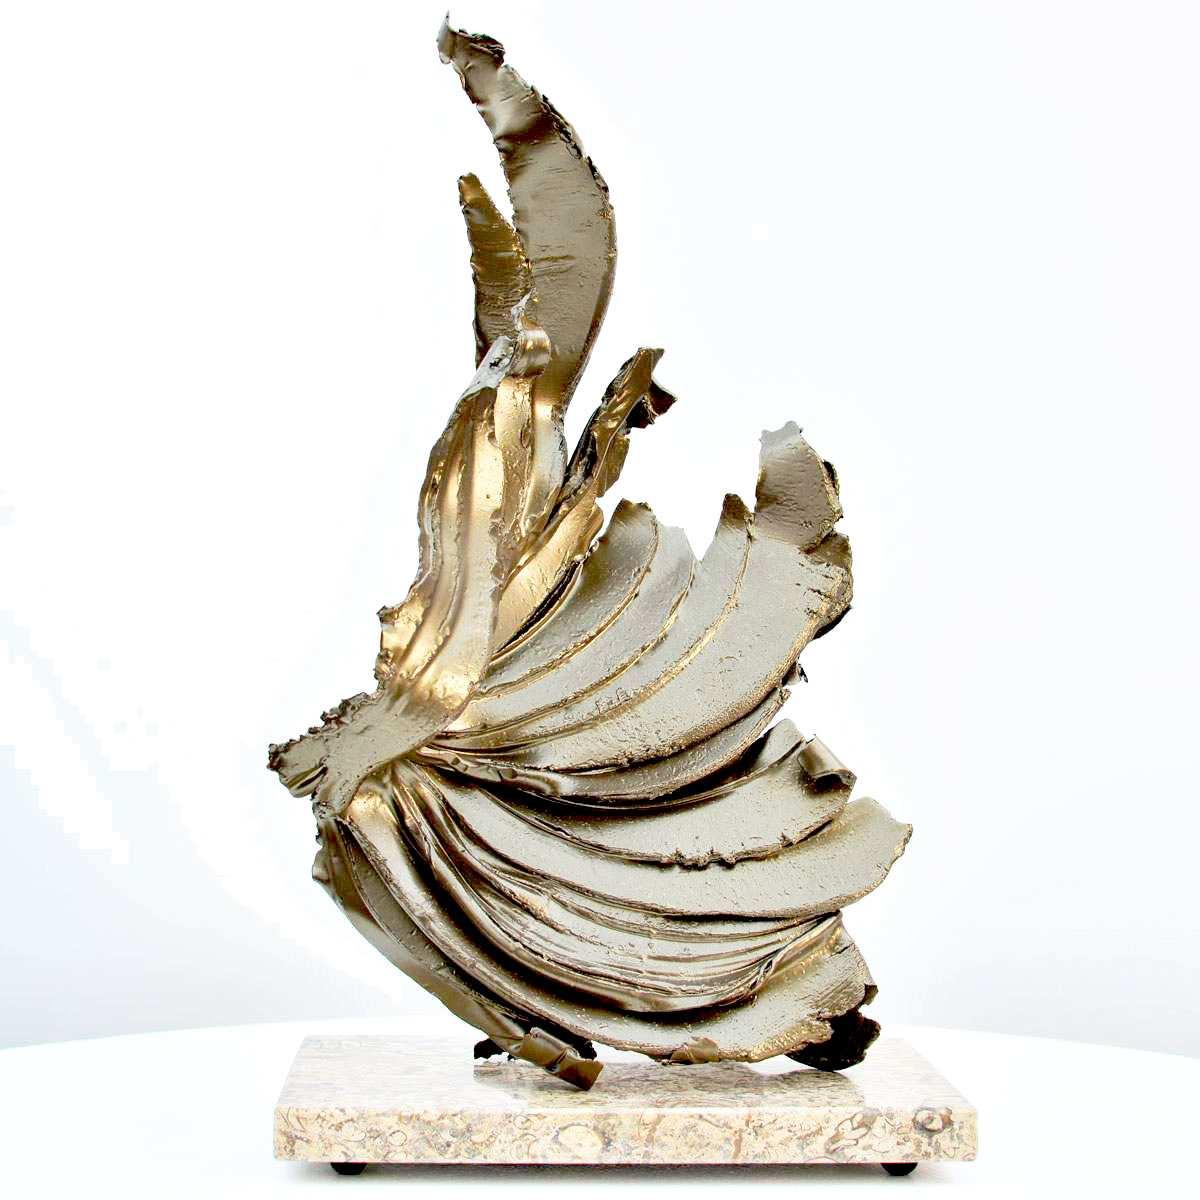 Metal sculpture in gold